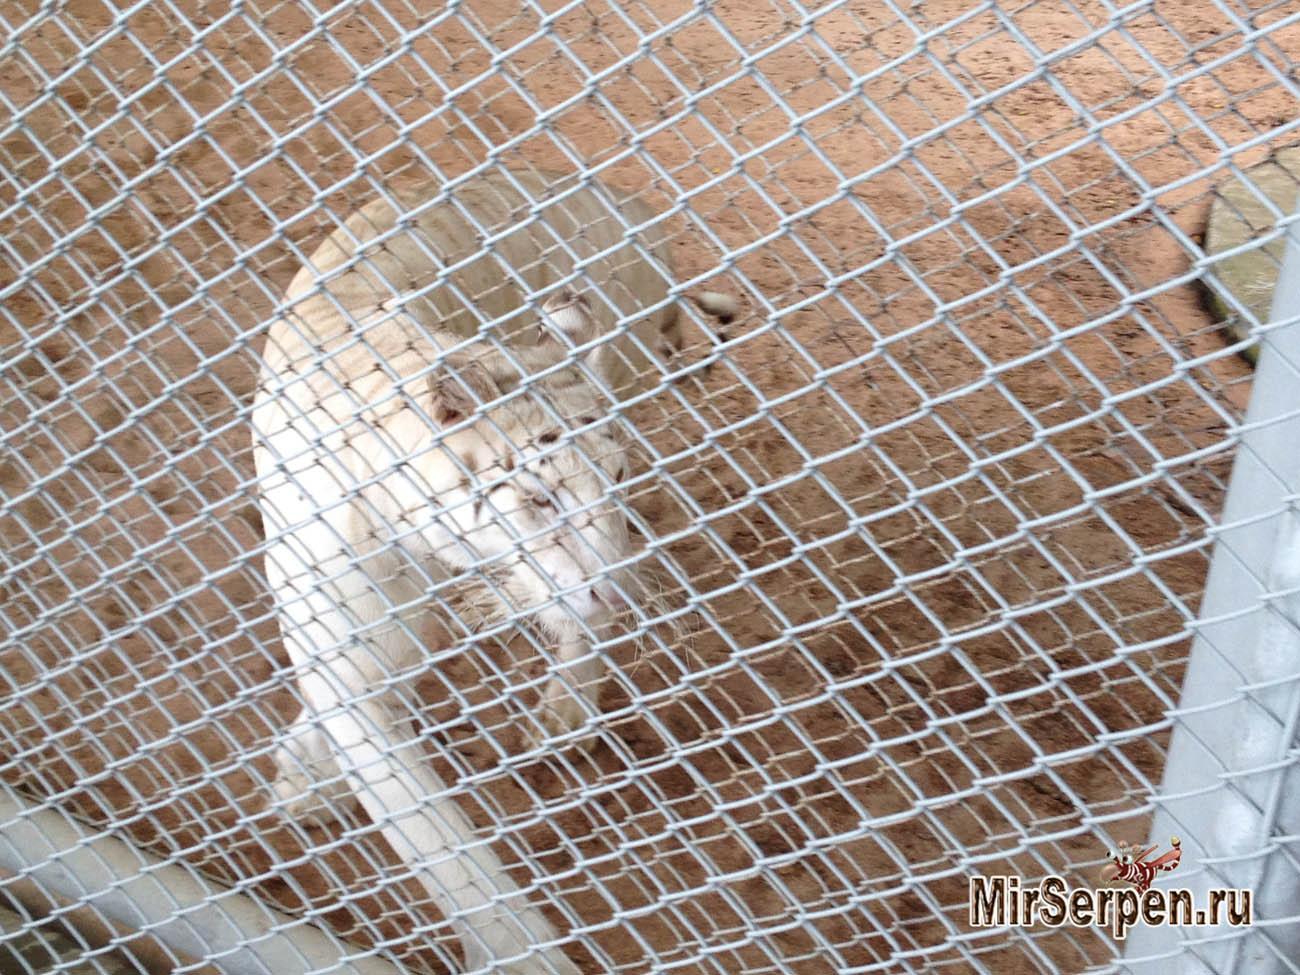 Как в зоопарке на меня прыгнул тигр